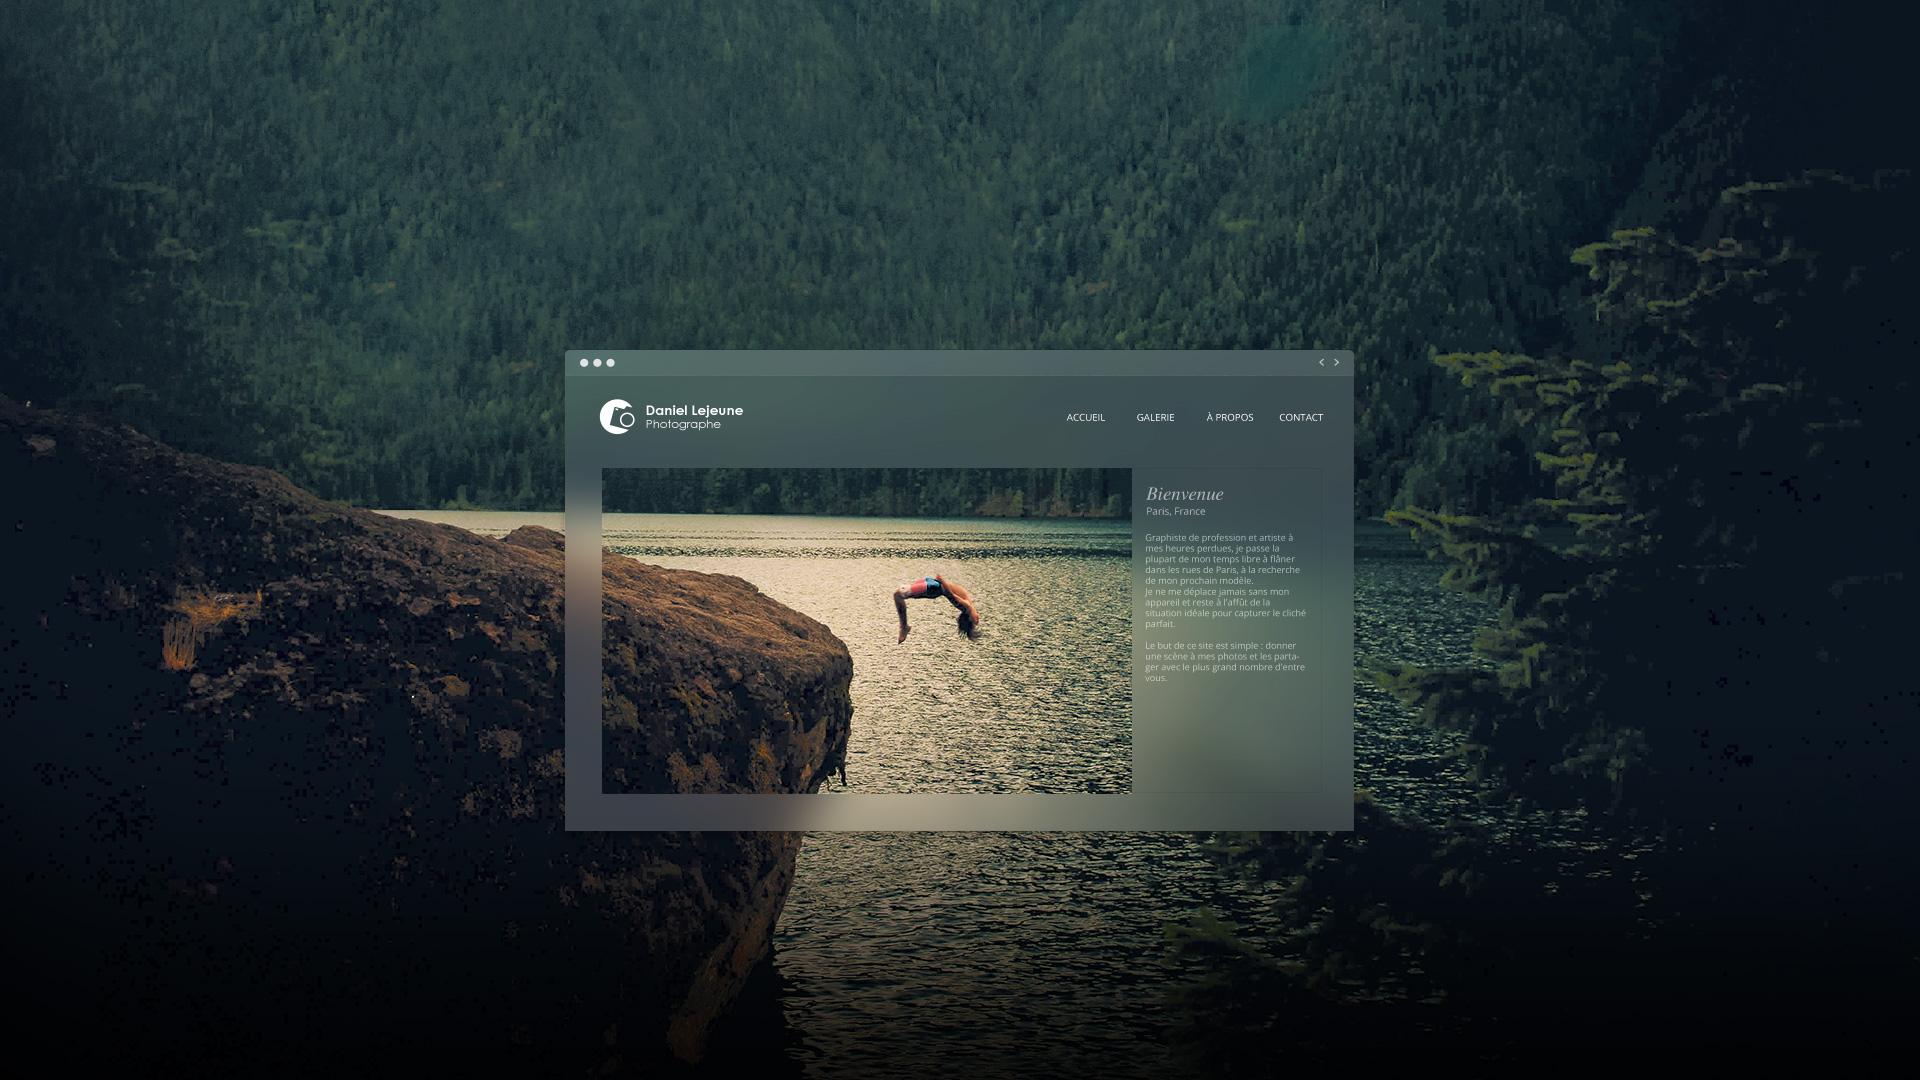 Meilleur Site Pour Photographe site pour photographe | créer un site photo gratuit en ligne